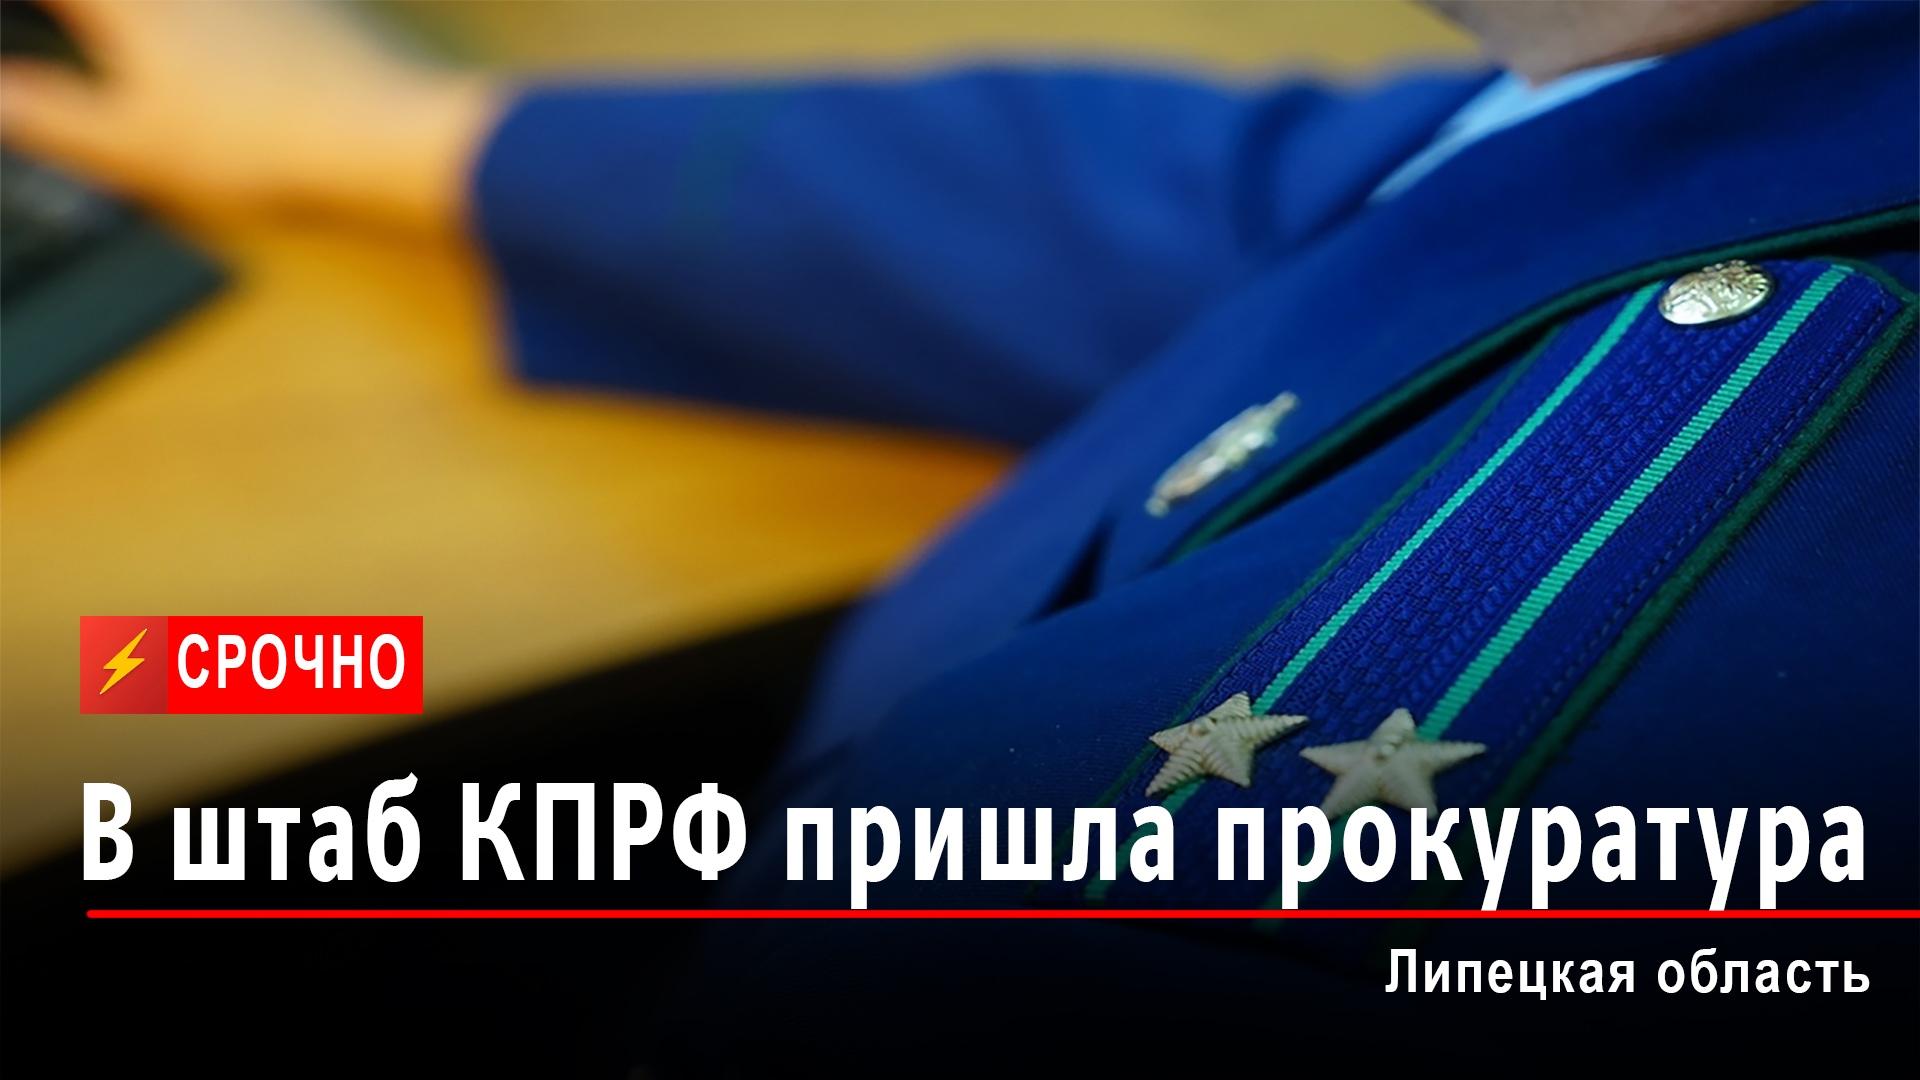 ⚡ В штаб Липецкого обкома КПРФ пришла прокуратура